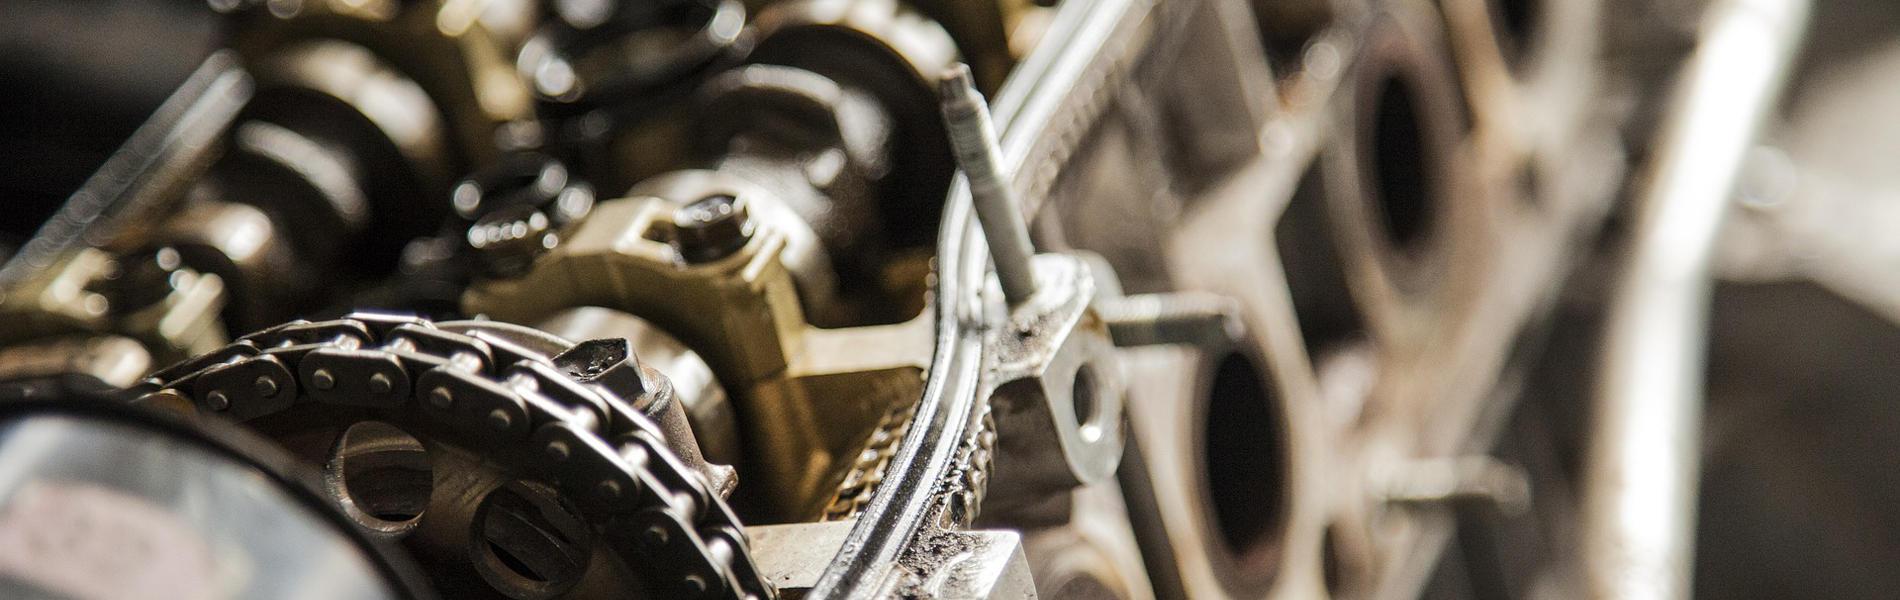 Bezgotowkowe naprawy samochodow Chorzow